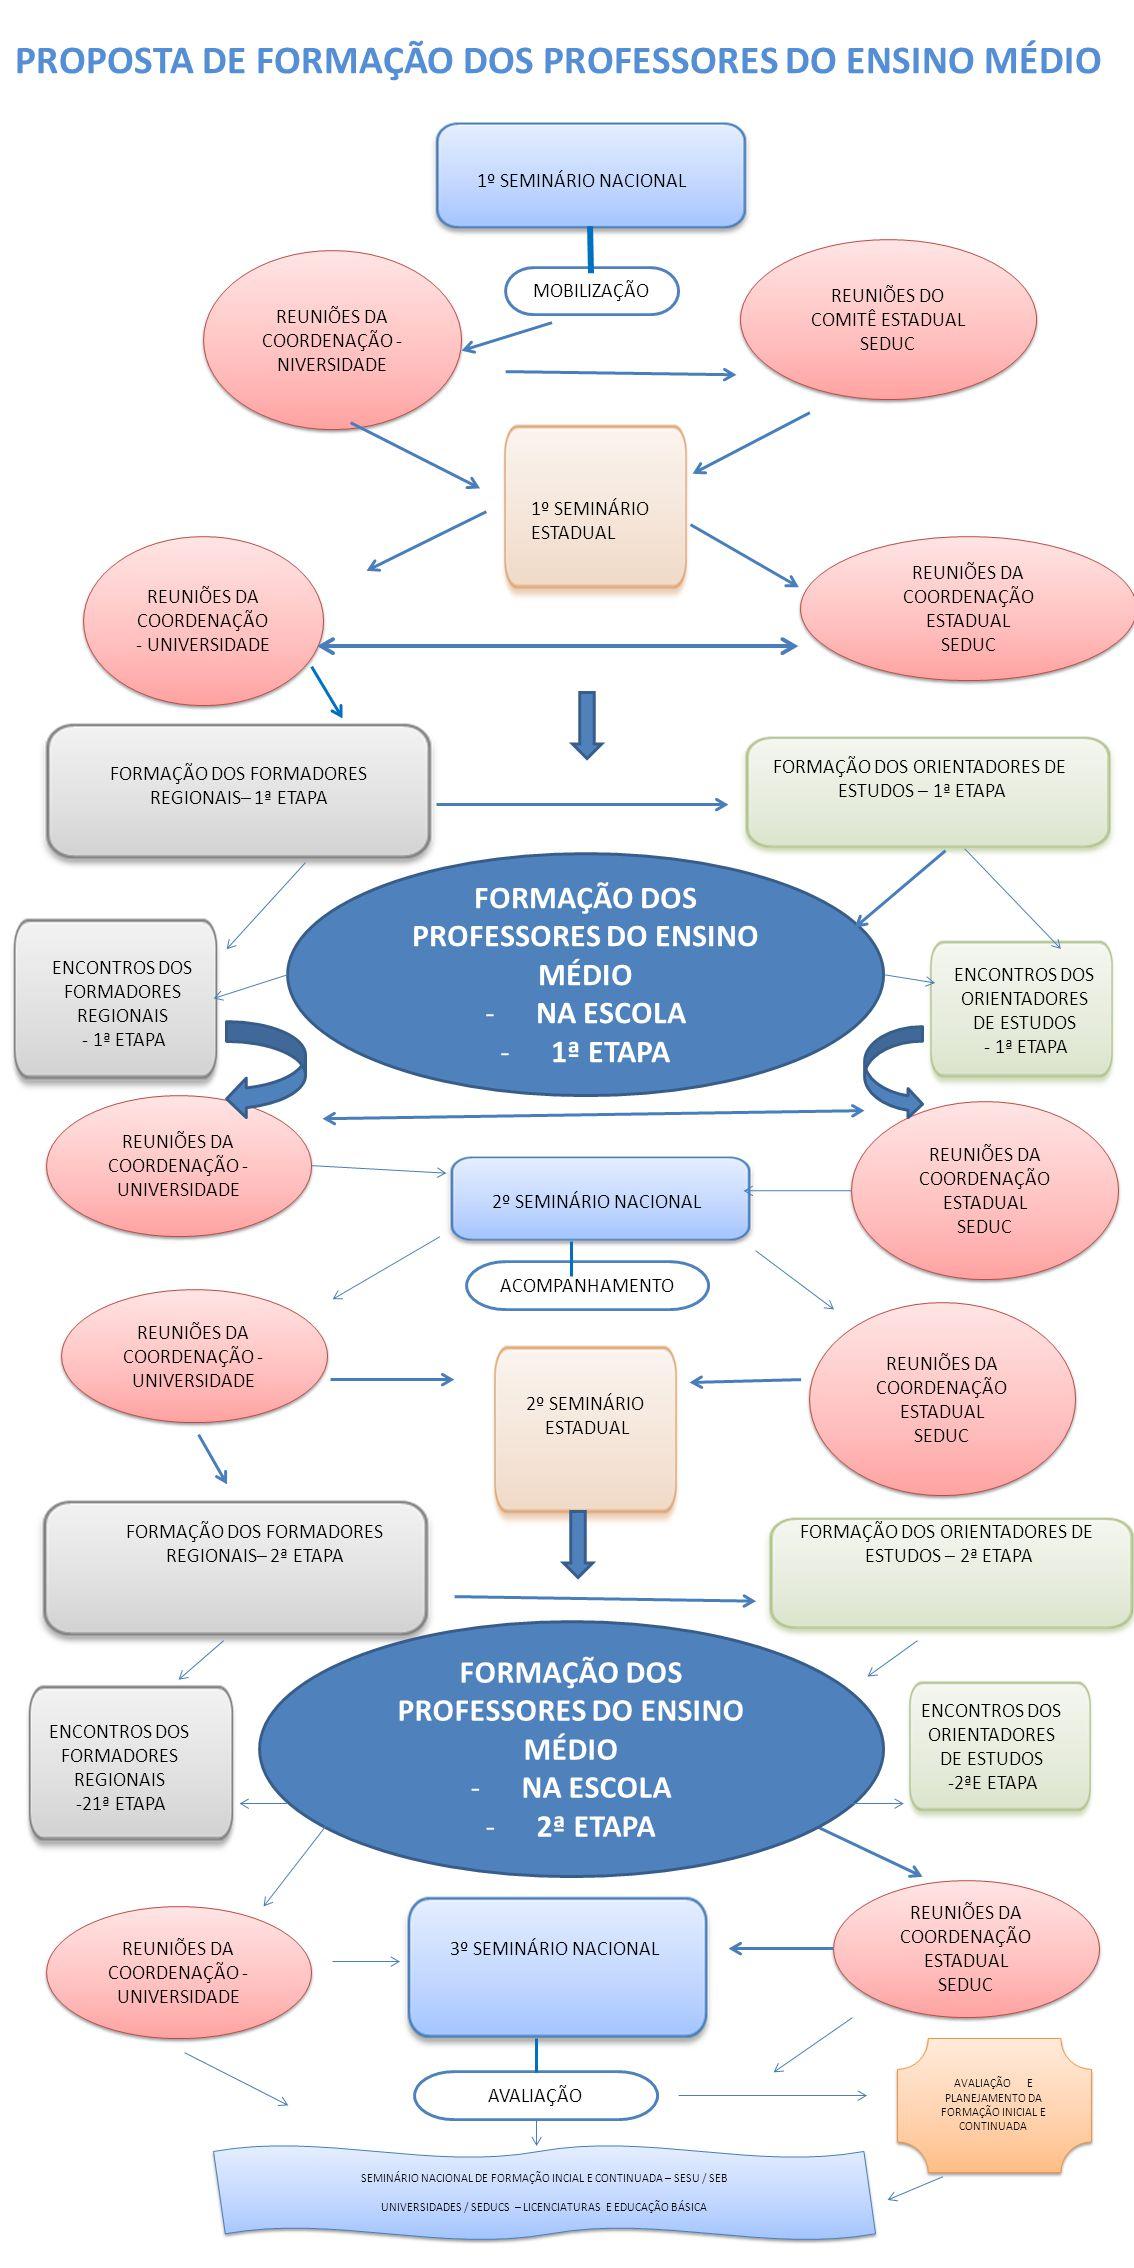 MOBILIZAÇÃO REUNIÕES DA COORDENAÇÃO - NIVERSIDADE REUNIÕES DO COMITÊ ESTADUAL SEDUC REUNIÕES DO COMITÊ ESTADUAL SEDUC FORMAÇÃO DOS PROFESSORES DO ENSI